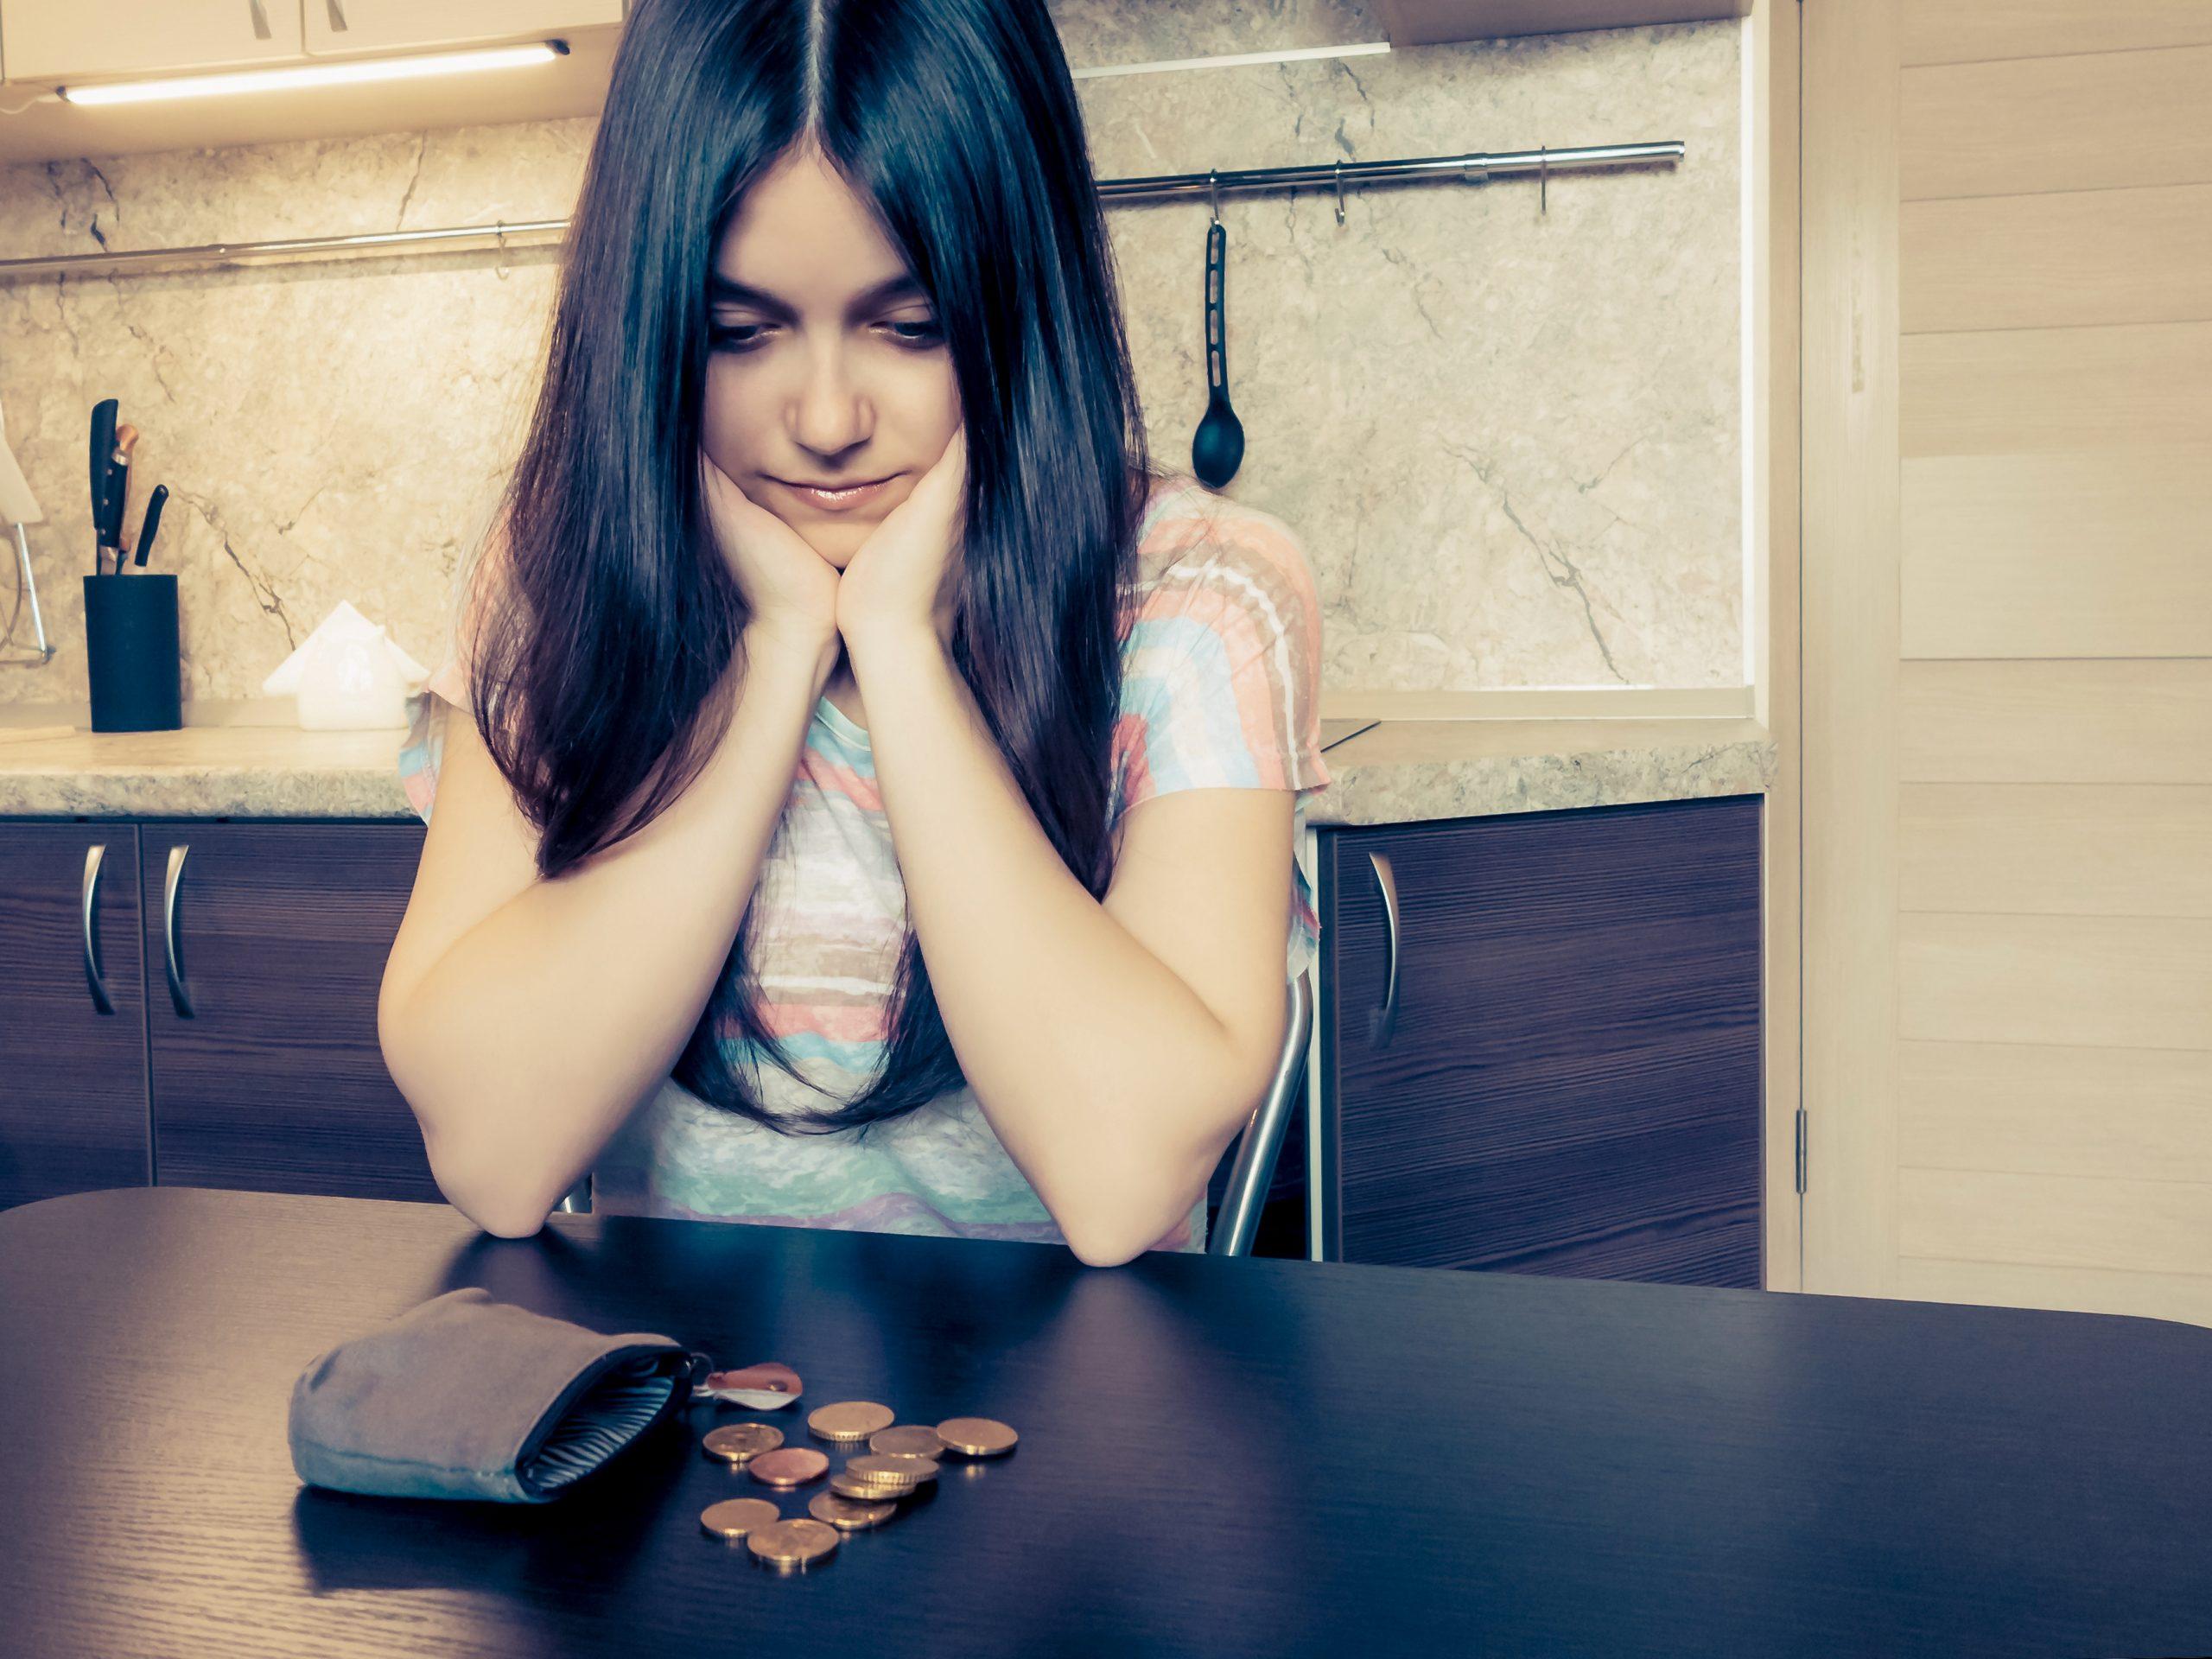 Finanzielle Probleme leerer Geldbeutel Grundeinkommen